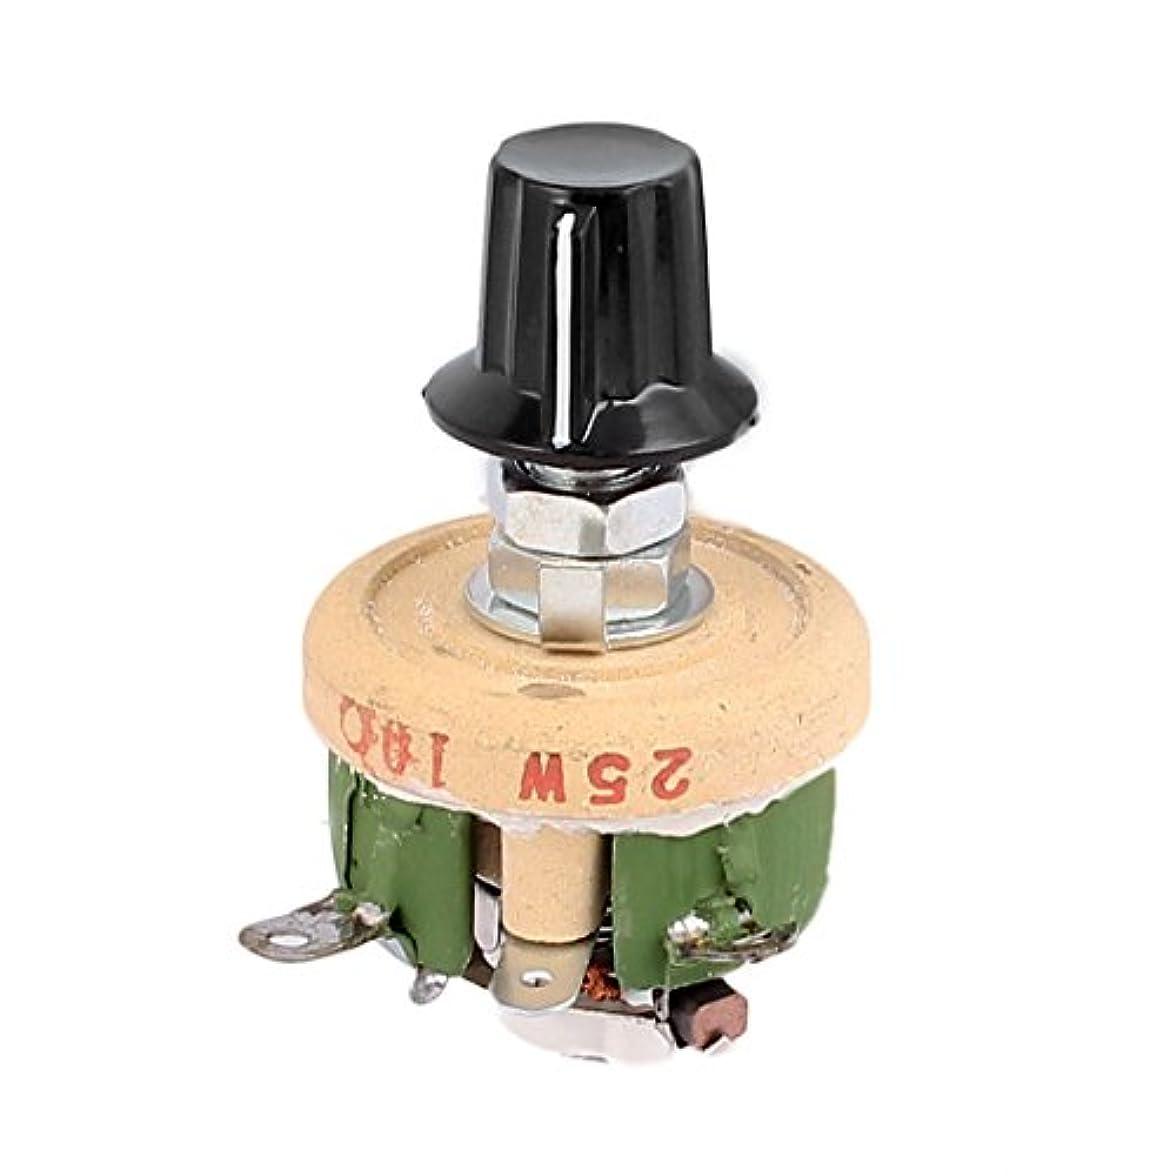 接続独占味付けuxcell 抵抗器レオスタット ロータリーノブ付き 巻線セラミック ポテンショメータ 可変レオスタット抵抗 25W 10オーム